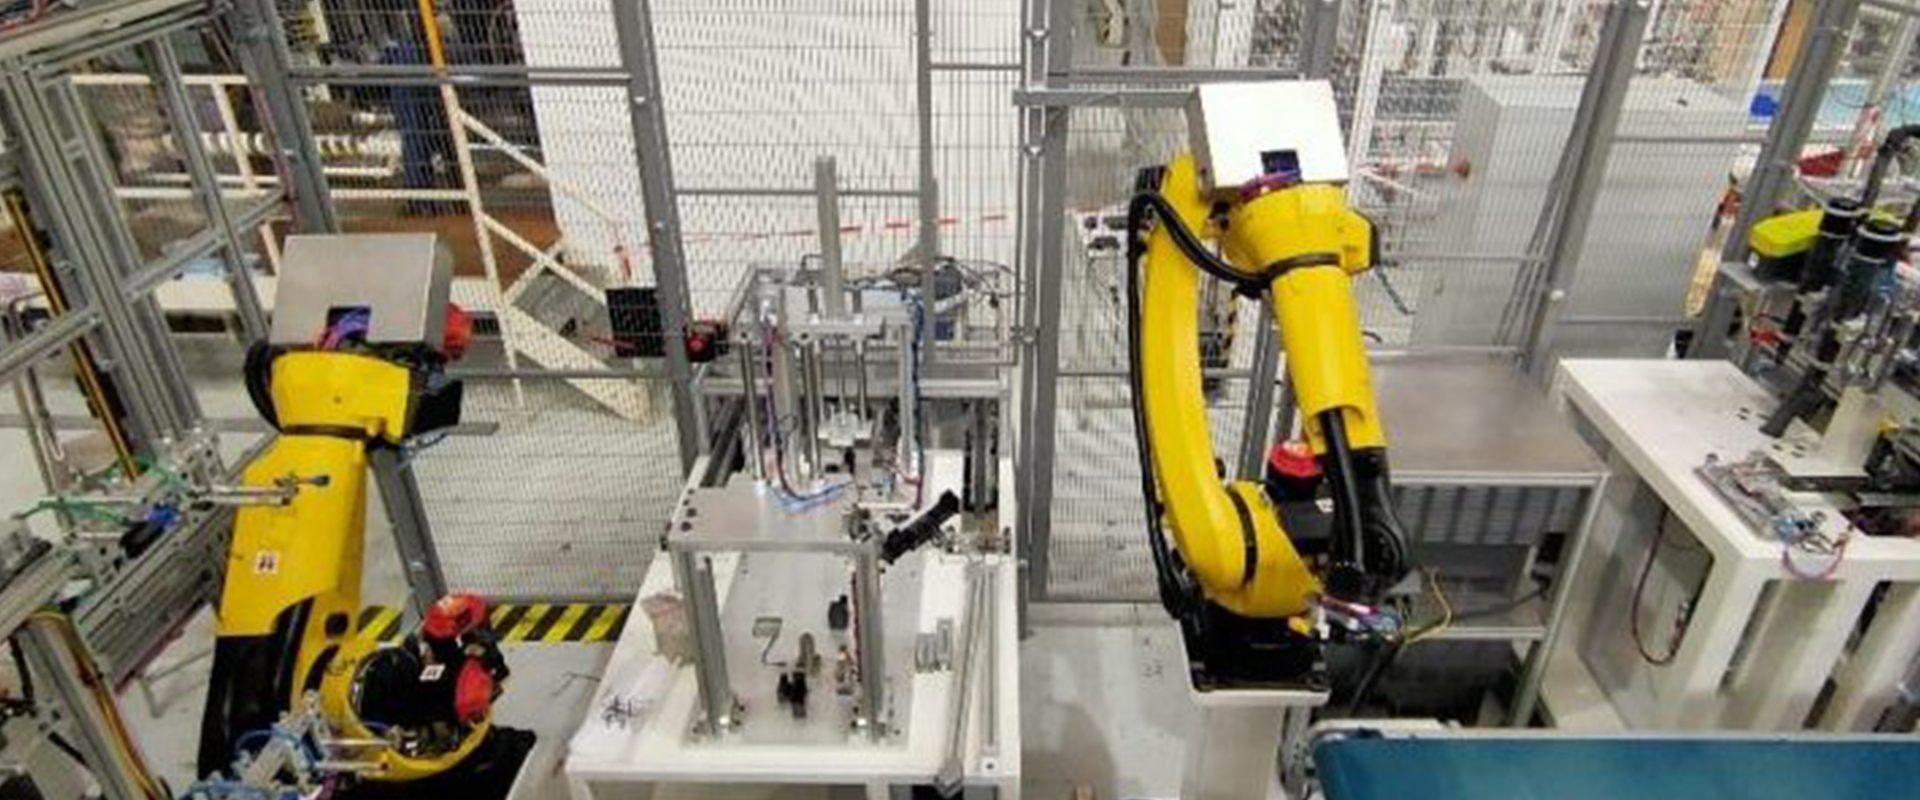 Garbe automatisme automatisation intelligente